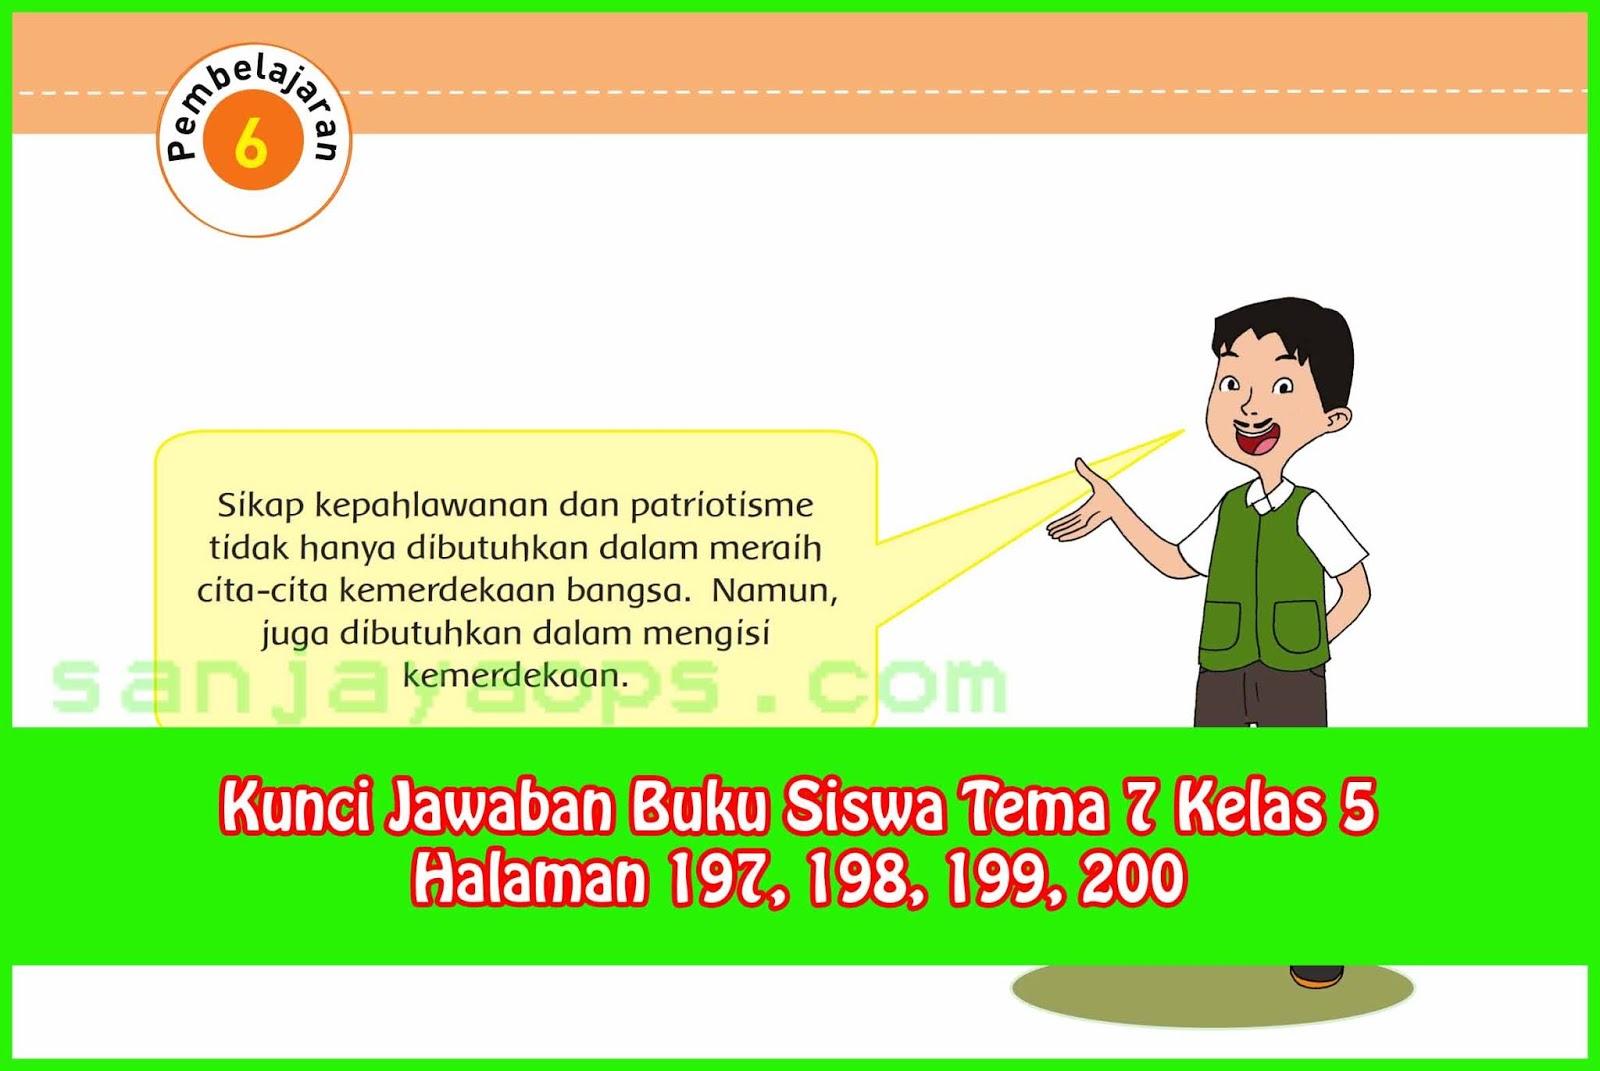 Kunci Jawaban Tematik Kelas 5 Tema 9 Hal 196 - Peranti Guru